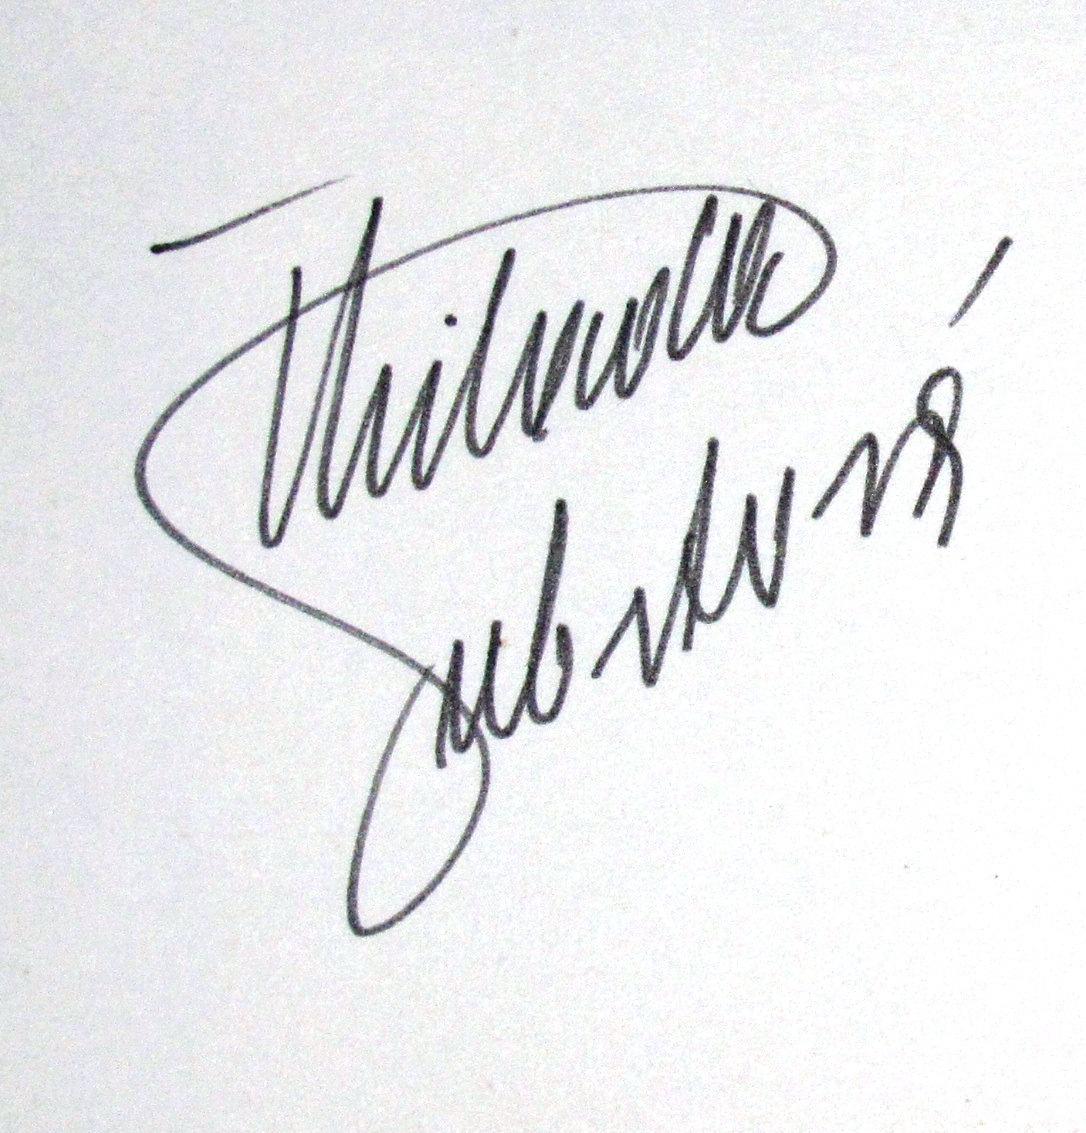 Filem šubrtová signature jpg